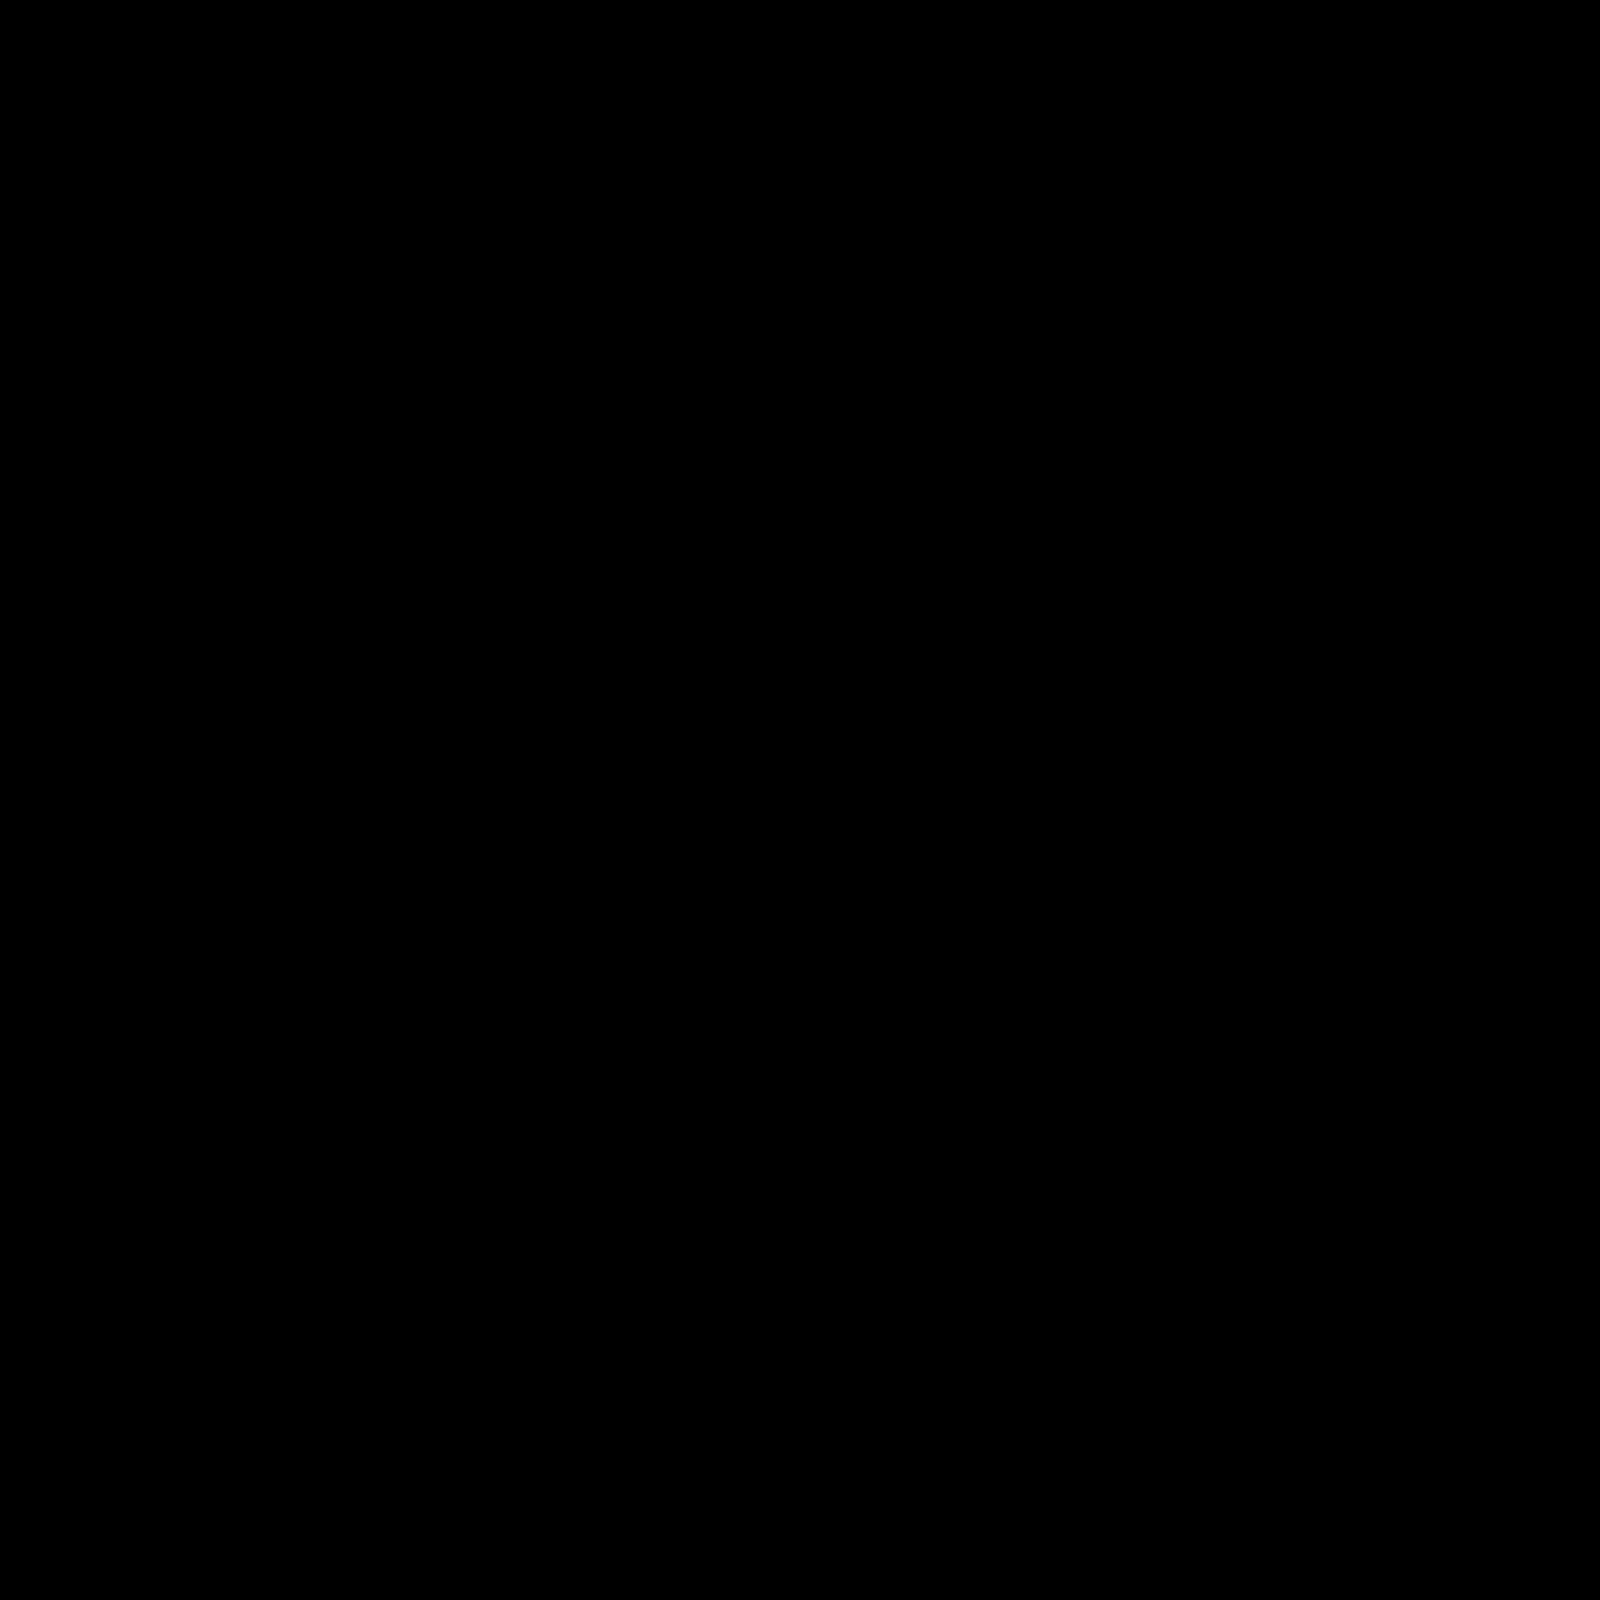 Unity 5 アイコン - 無料ダウンロード、PNG およびベクター 5b73d7870d5